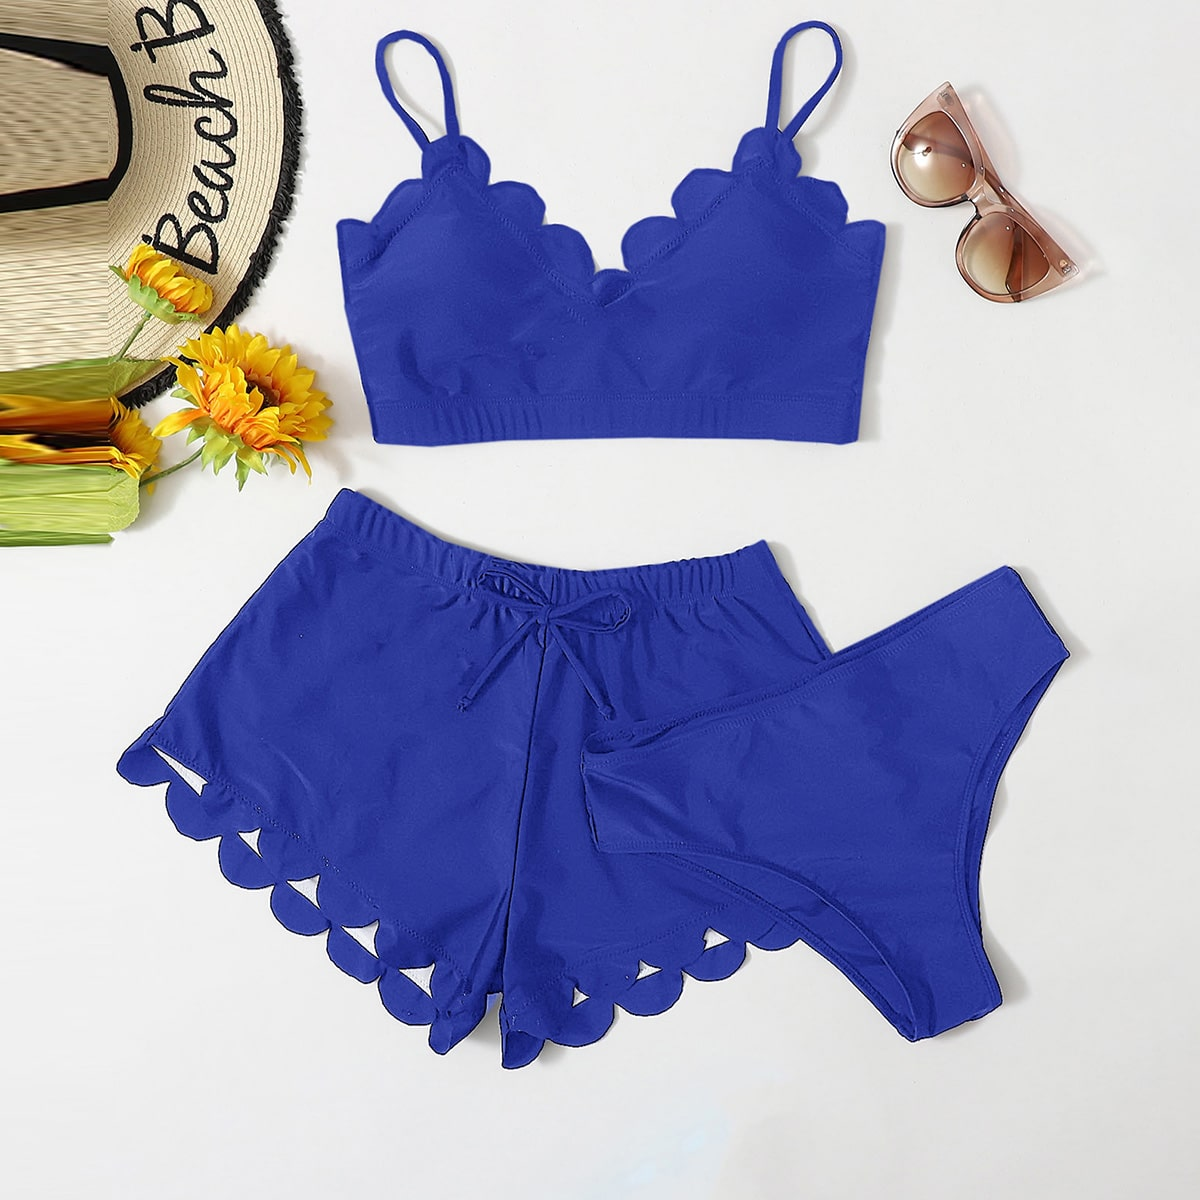 3pack Scallop Trim Bikini Swimsuit